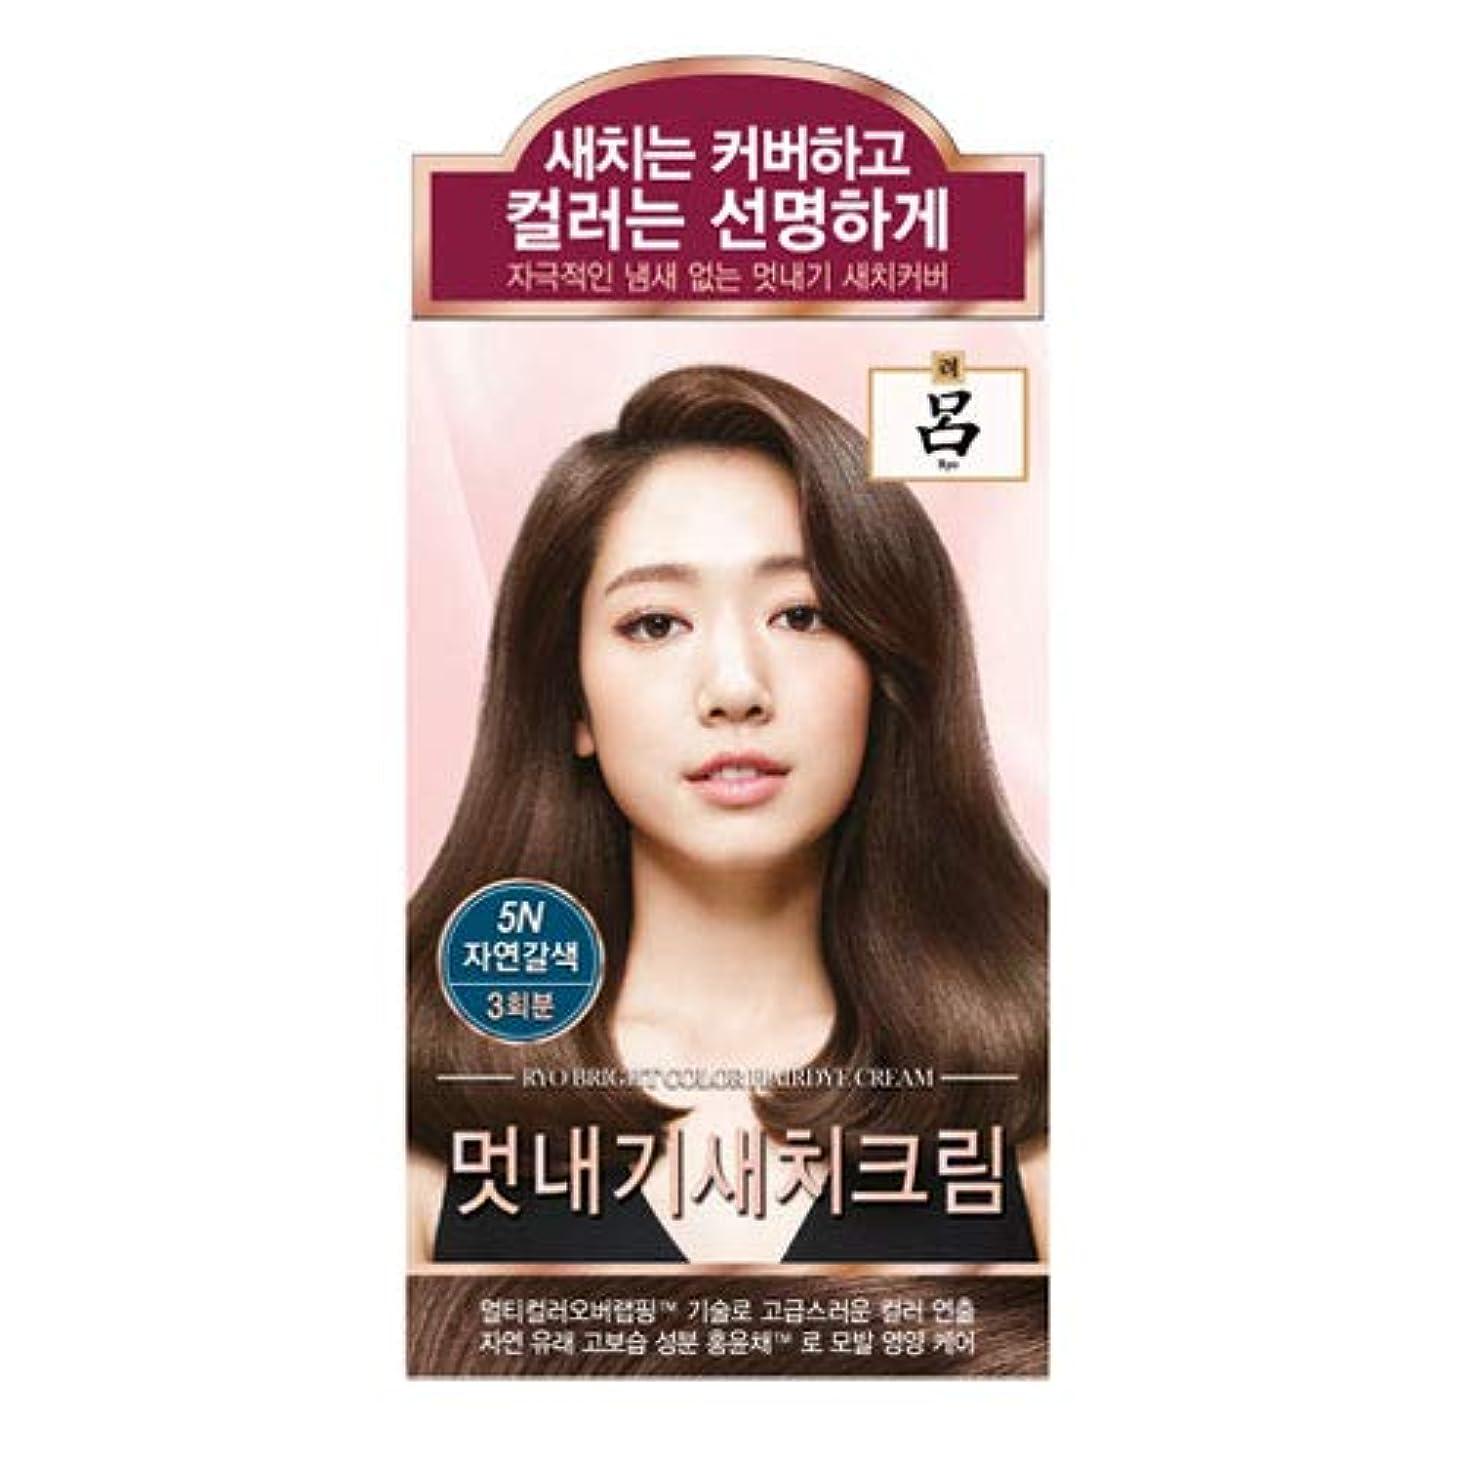 スティーブンソン偽善者敬意を表するアモーレパシフィック呂[AMOREPACIFIC/Ryo] ブライトカラーヘアアイクリーム 5N ナチュラルブラウン/Bright Color Hairdye Cream 5N Natural Brown